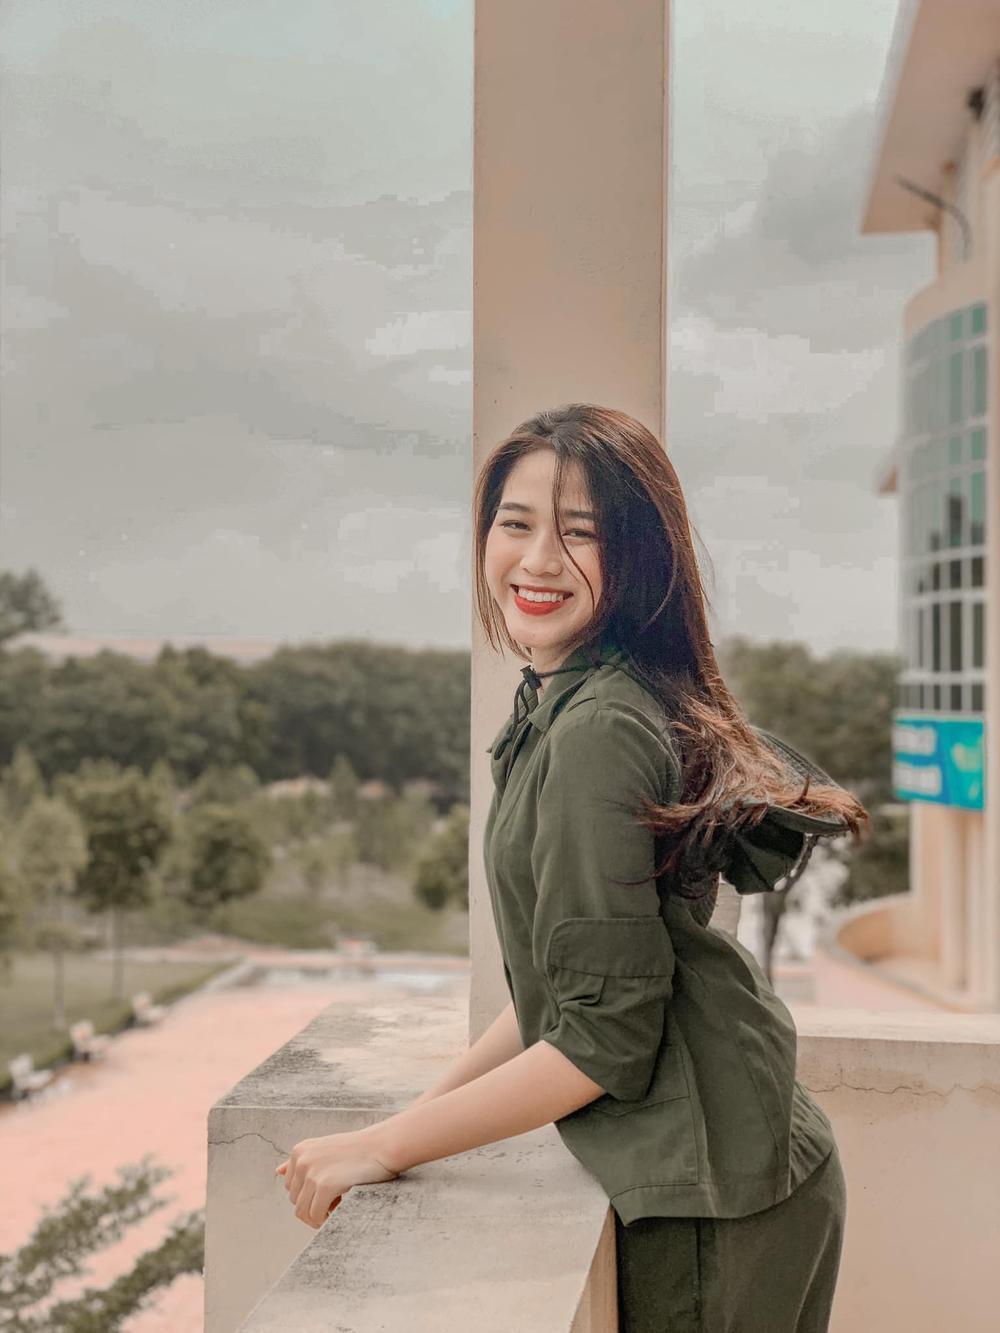 So sánh Tân Hoa hậu/Á hậu Việt Nam 2020 với Hàn Quốc: 'Mỗi người một vẻ mười phân vẹn mười' Ảnh 6